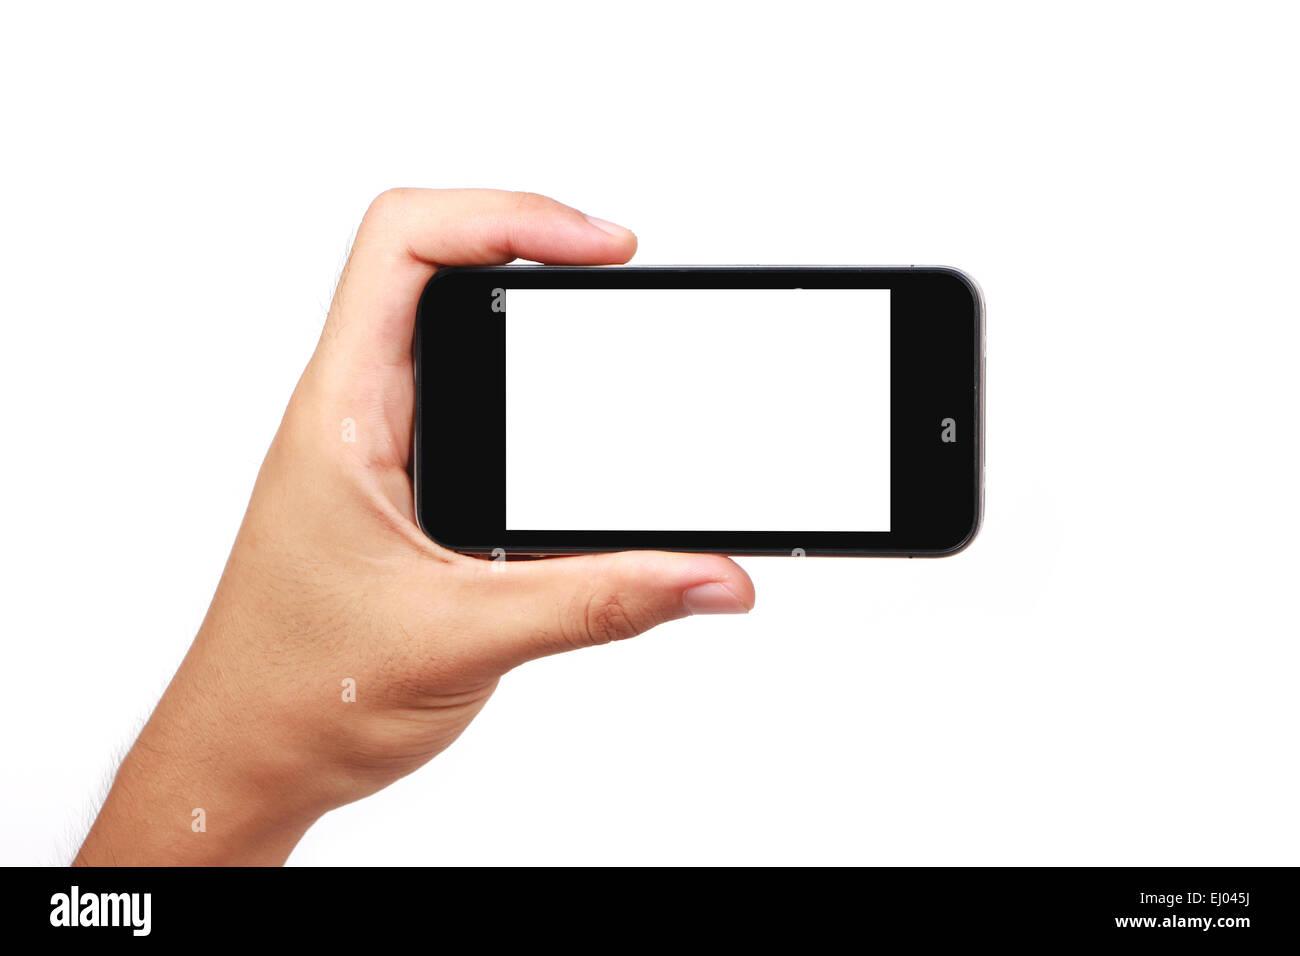 Hand holding phone isolated on white background. - Stock Image